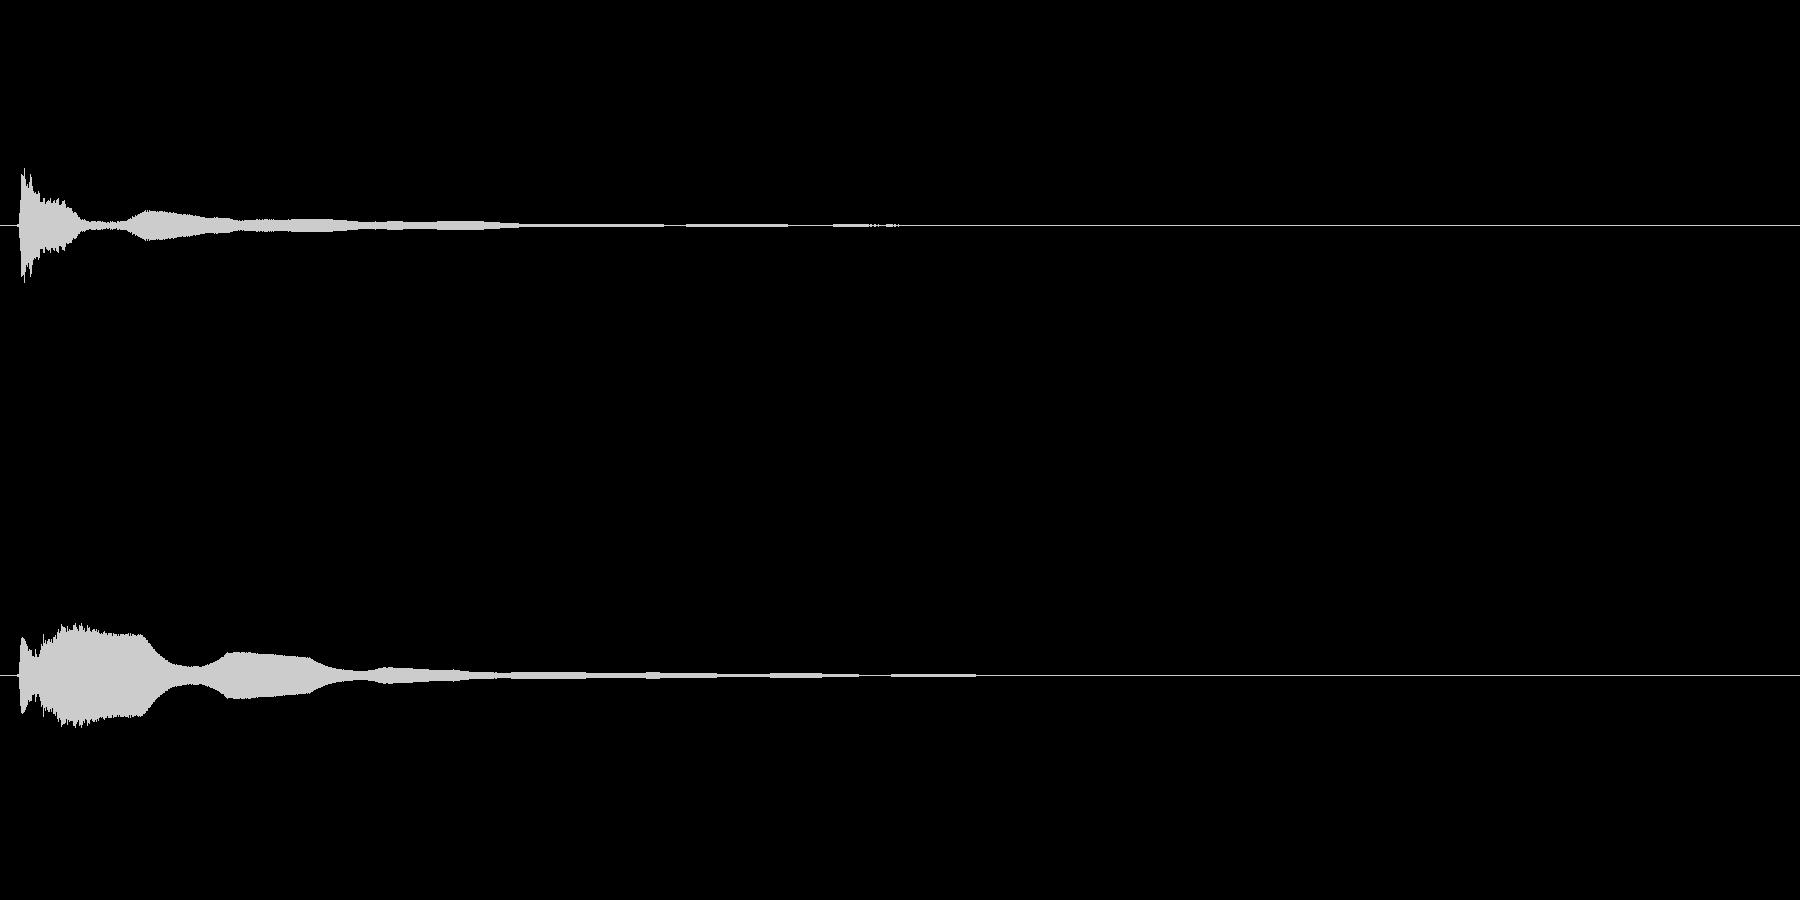 キラキラ系_052の未再生の波形